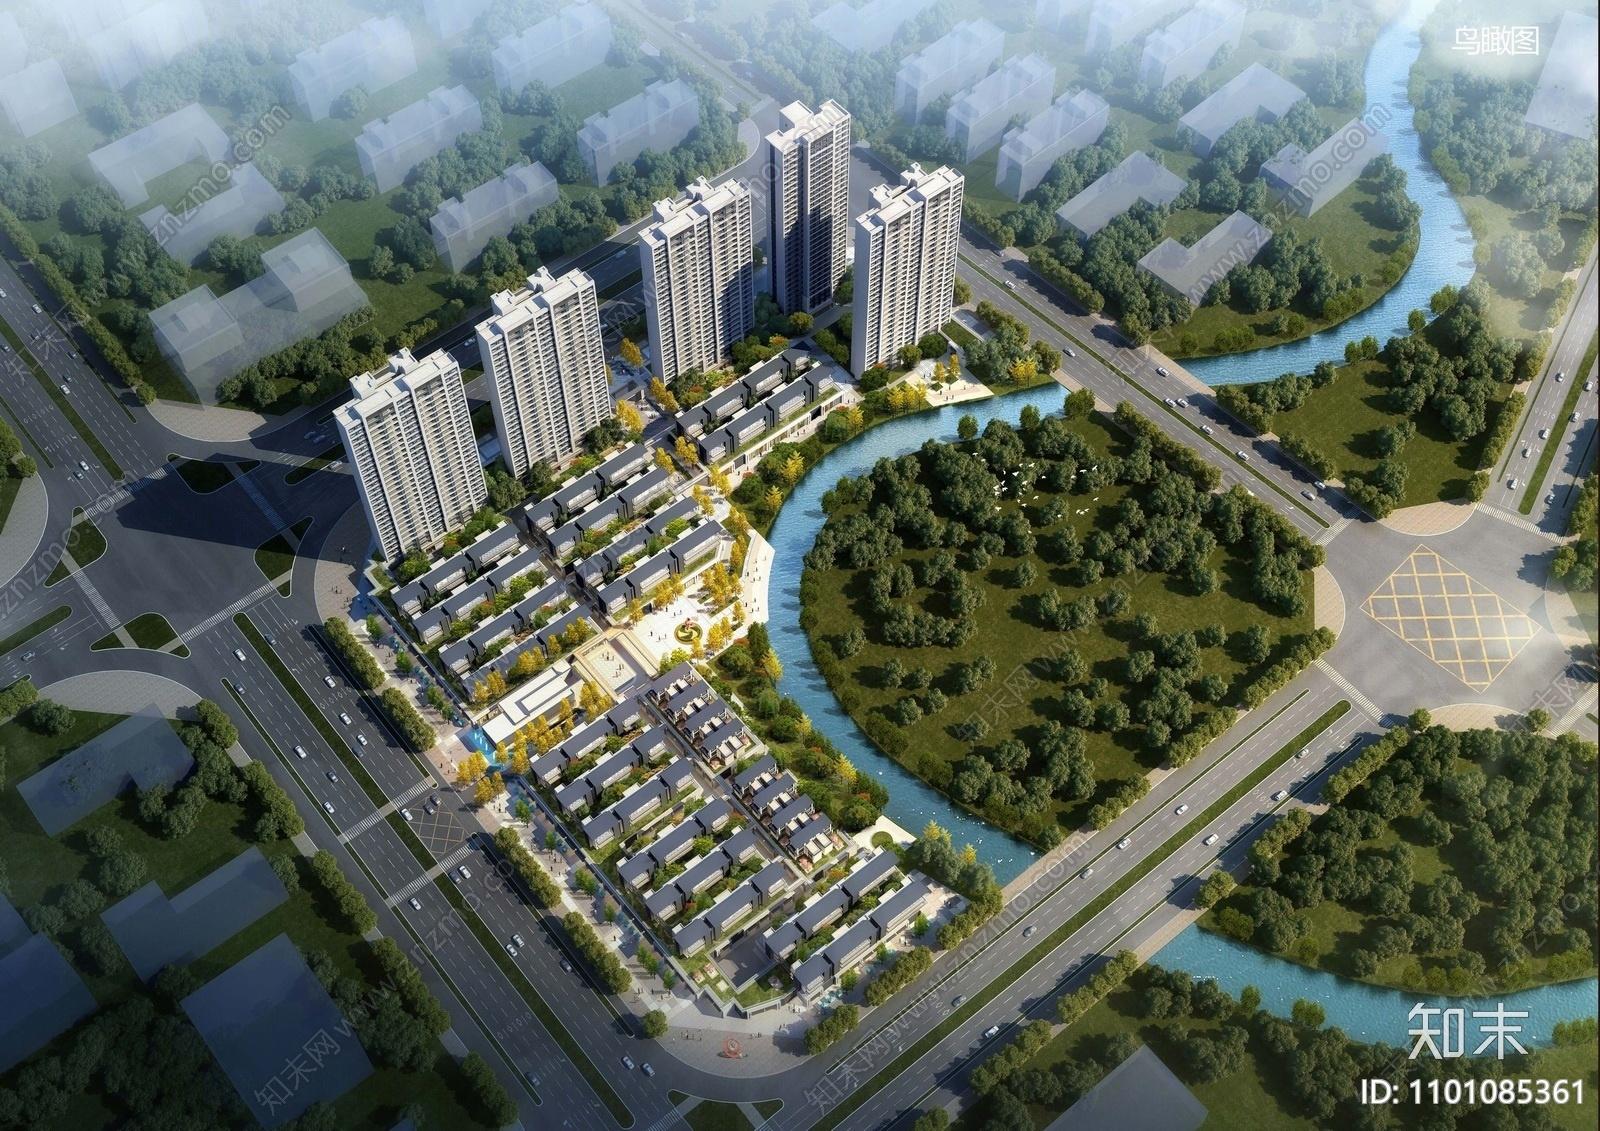 世茂南通市张芝山裕景地块产业小镇概念方案方案文本下载【ID:1101085361】